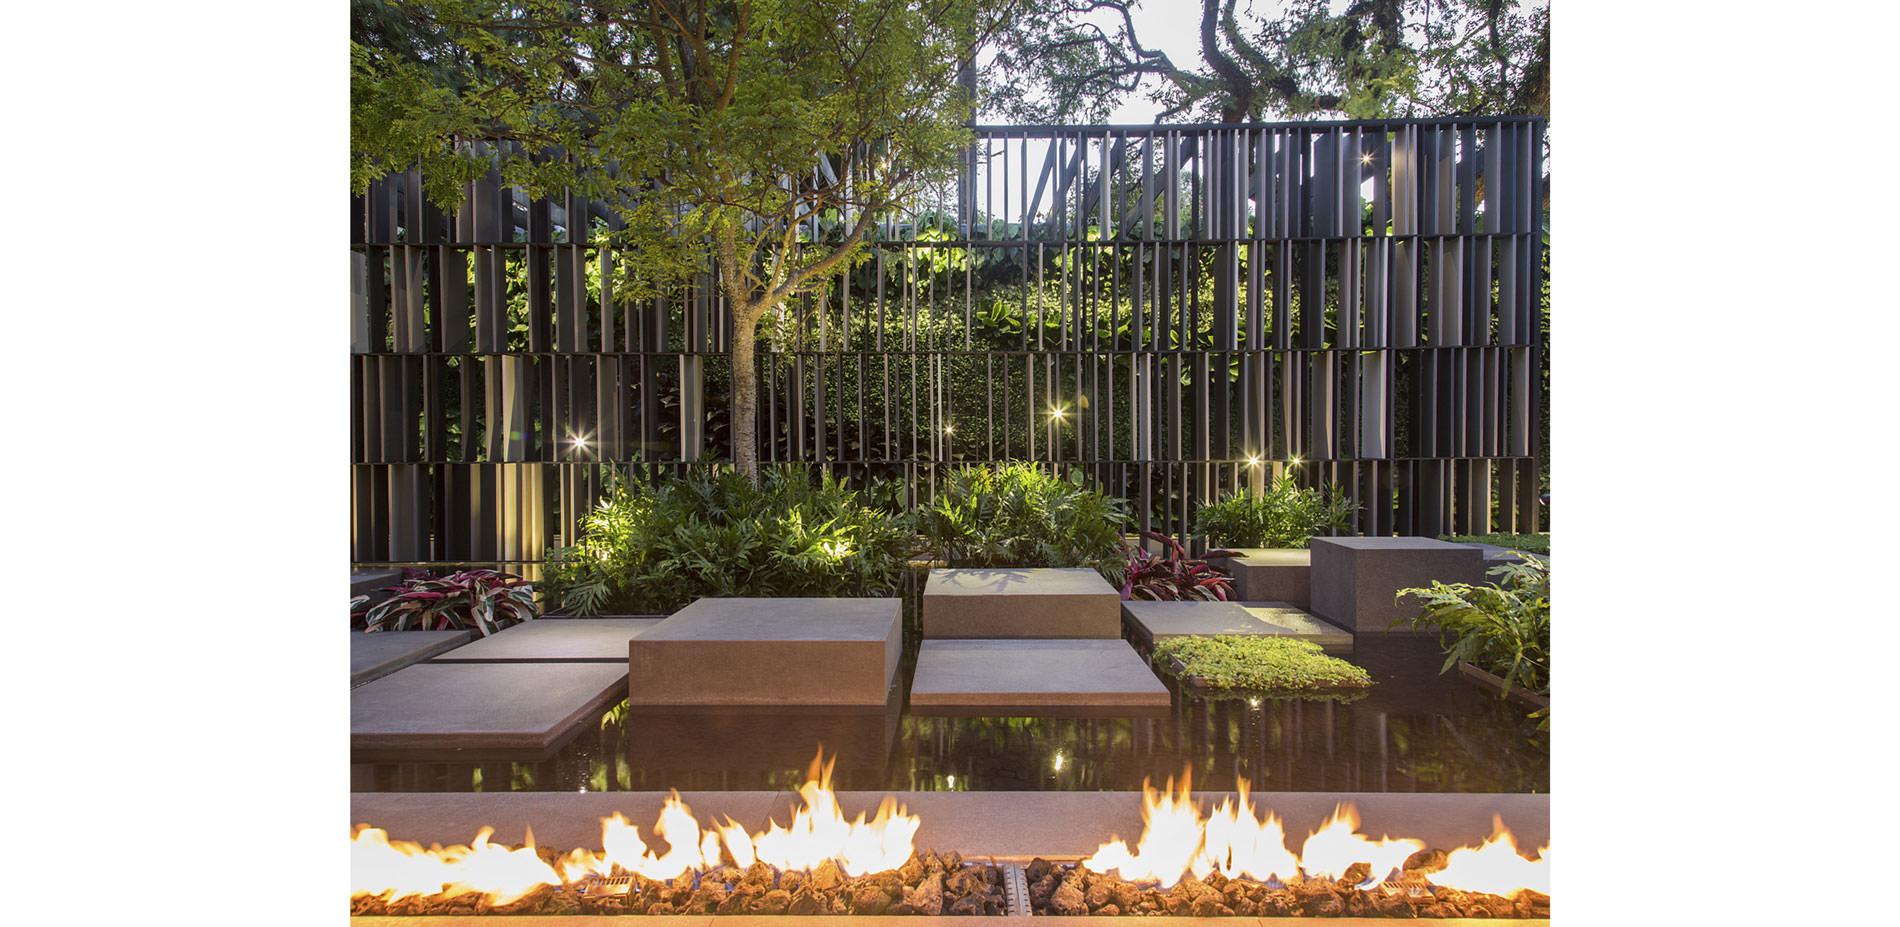 The Entrance Garden | 2017 ASLA Professional Awards